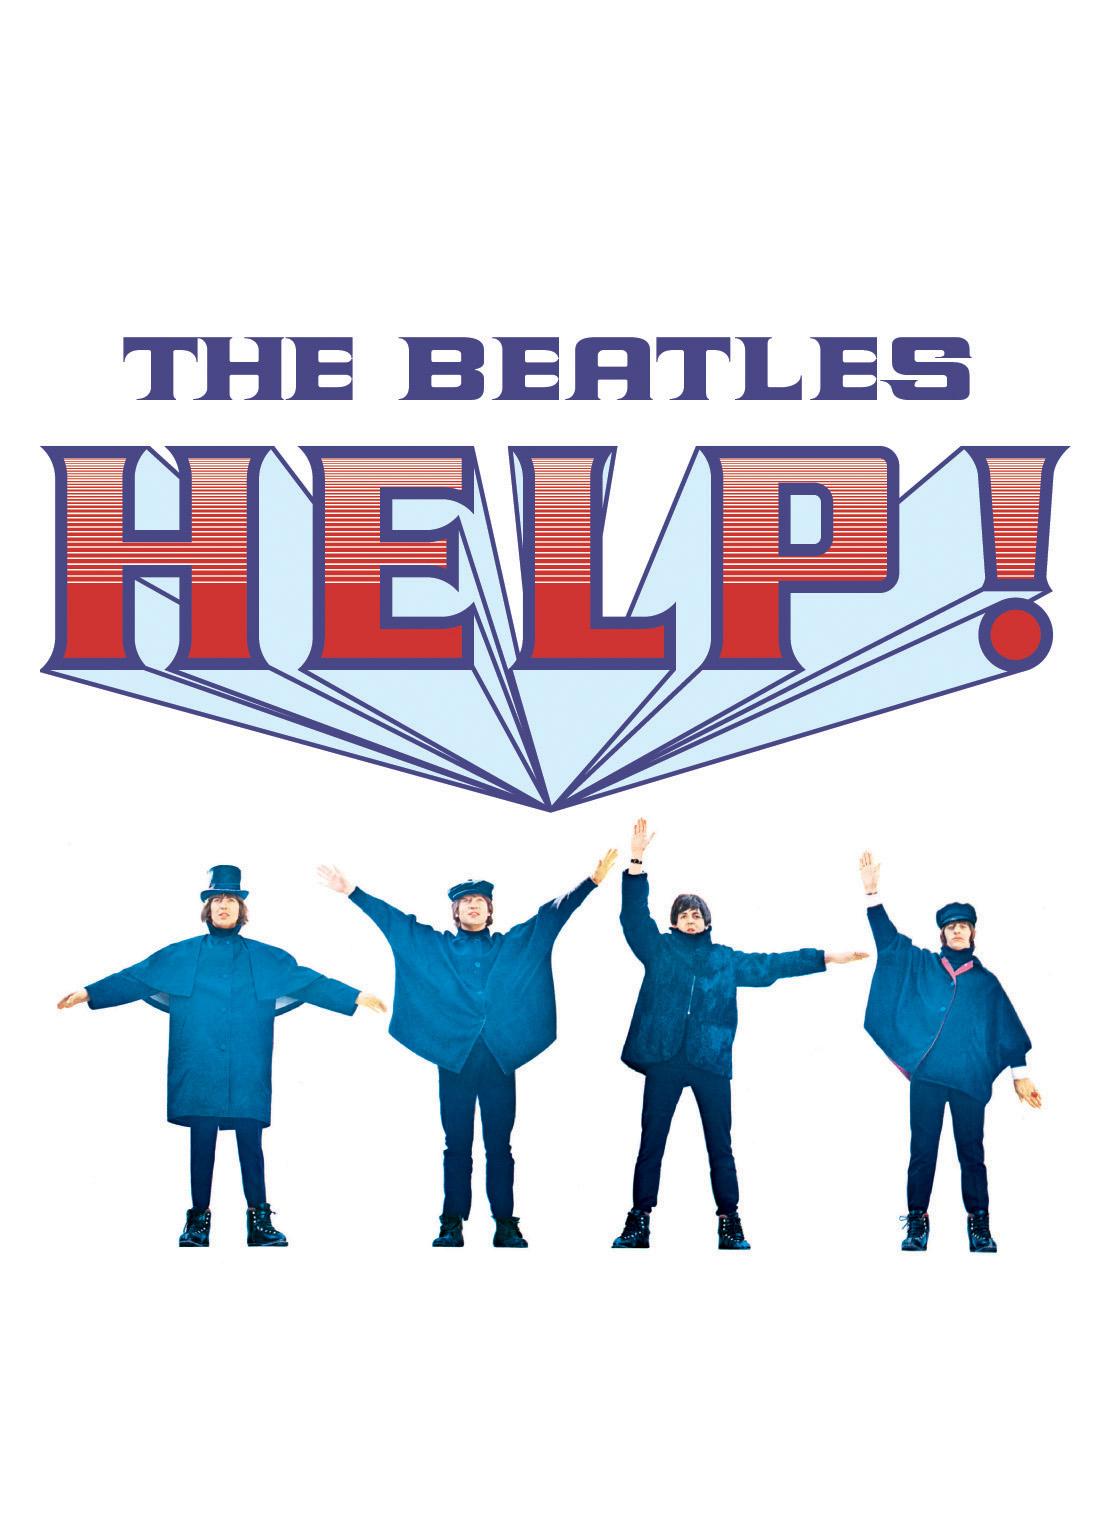 desktop background: help!